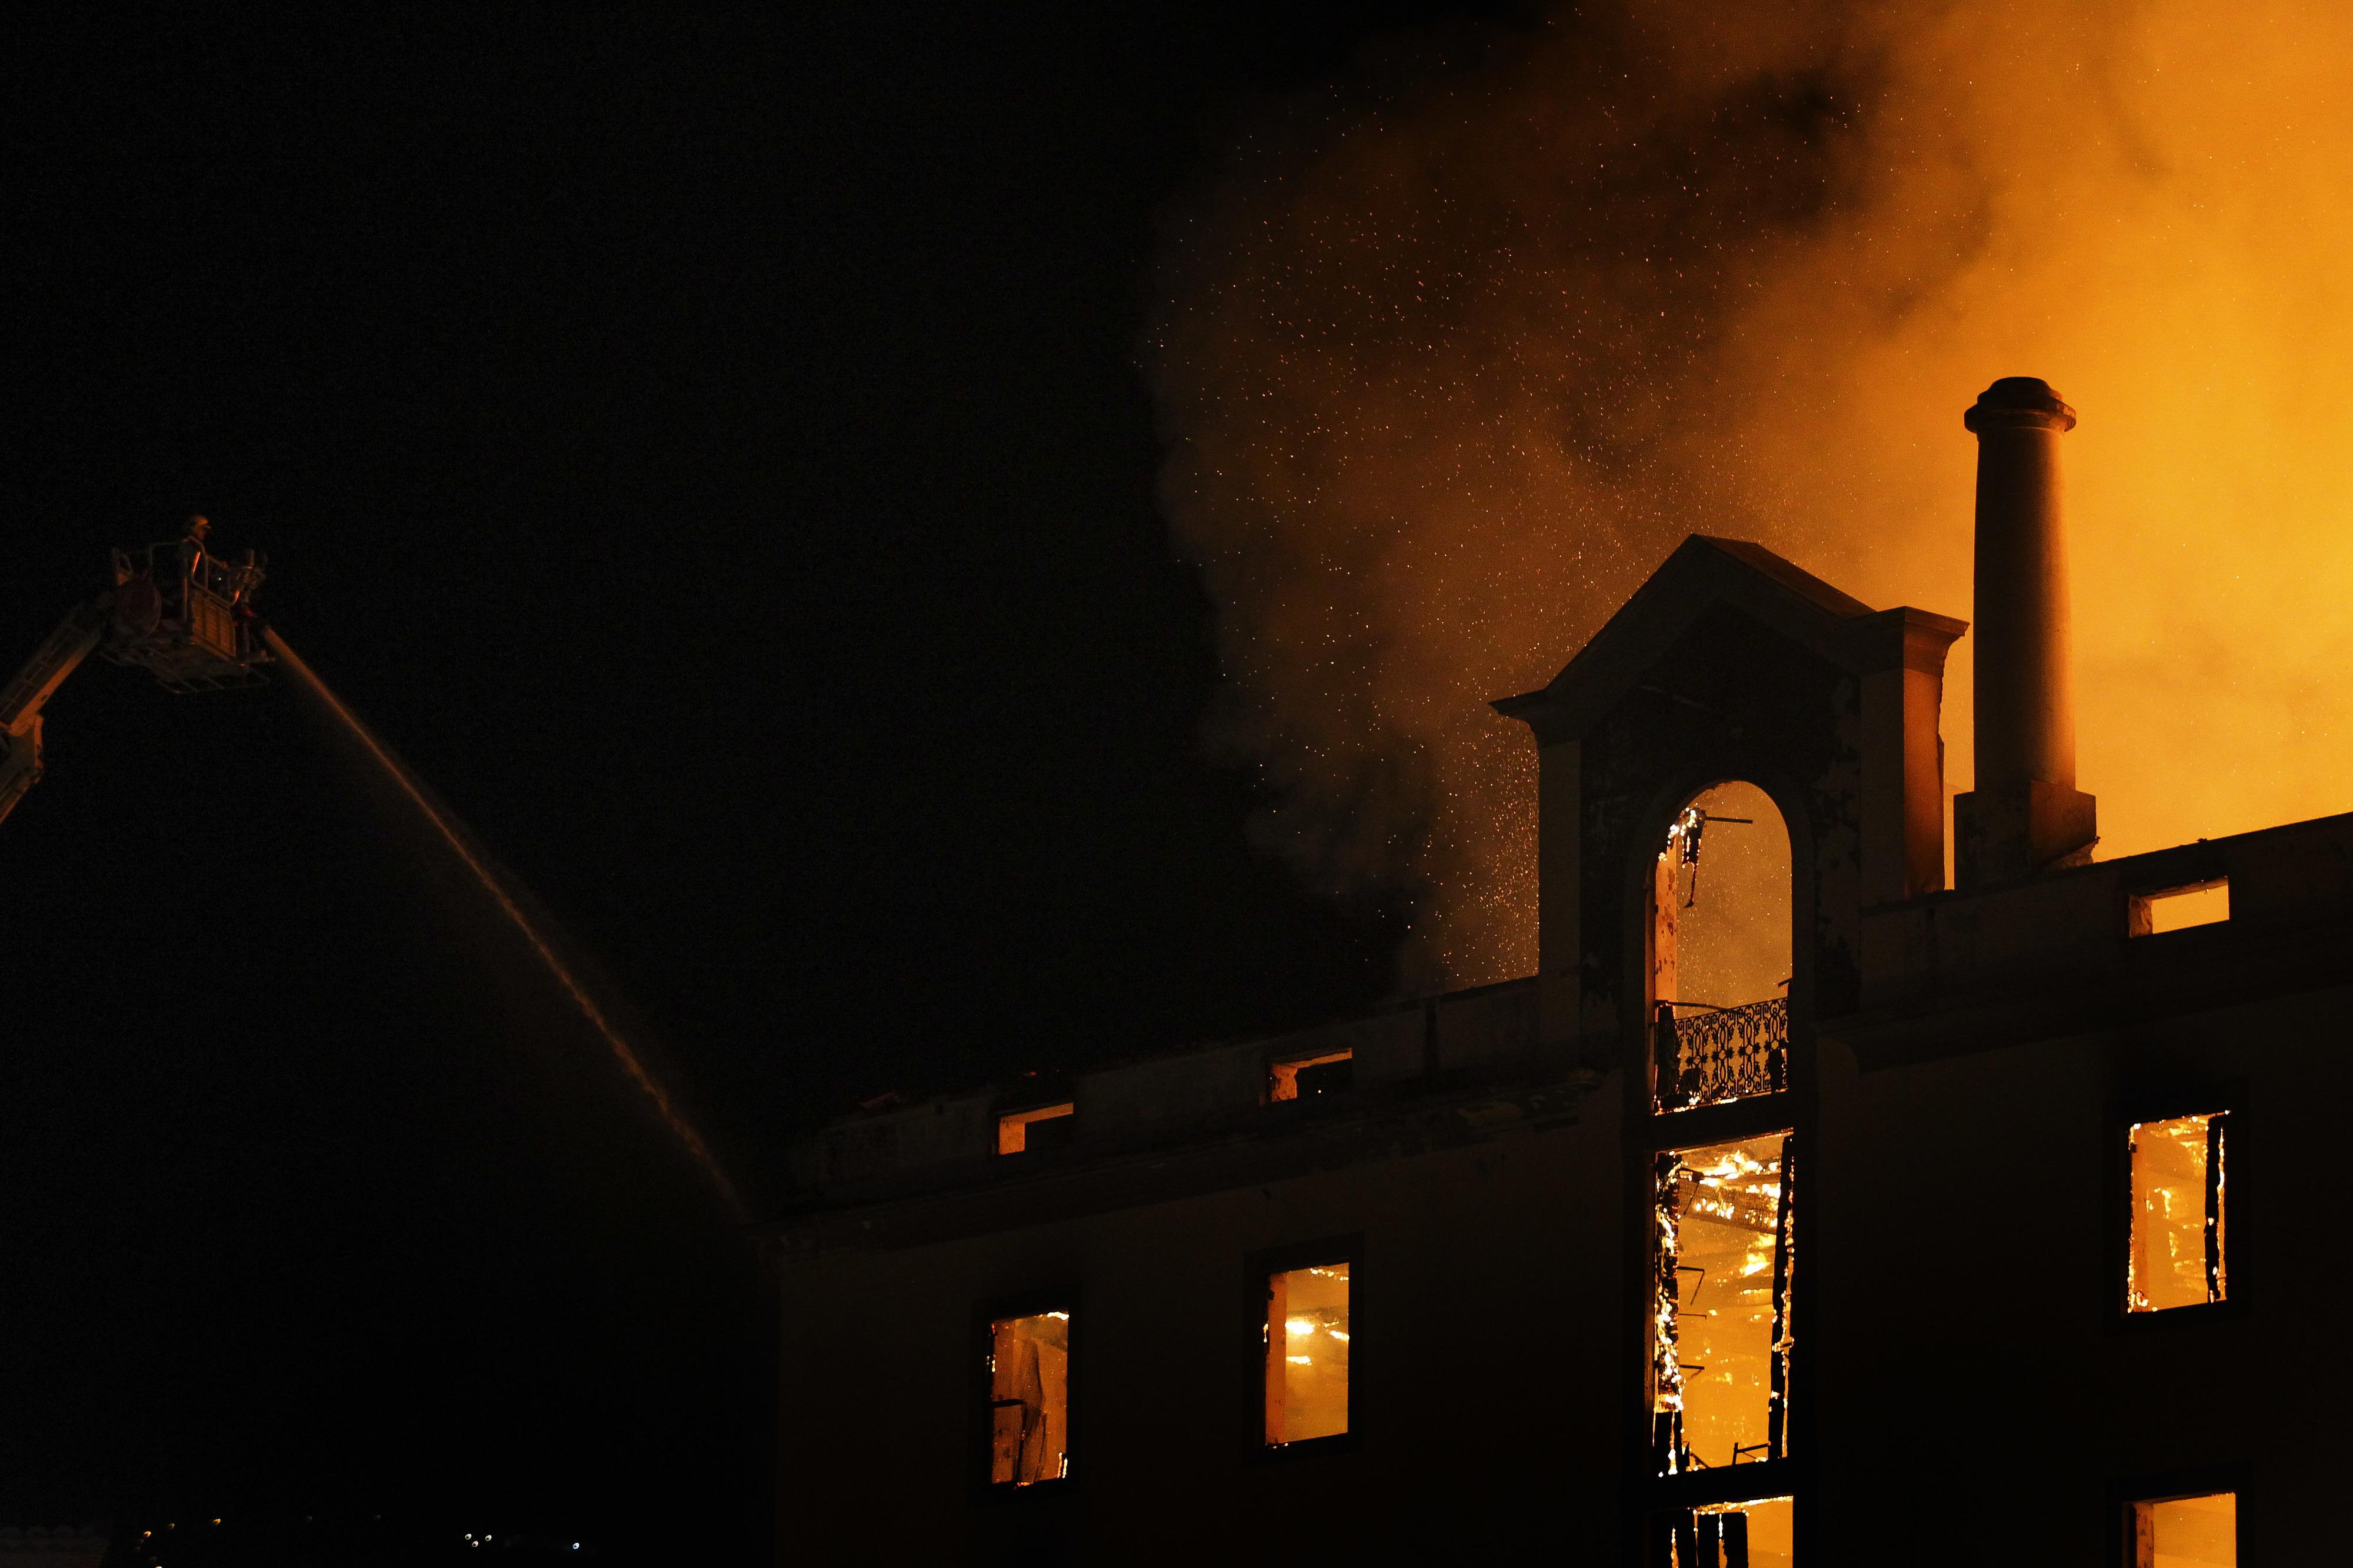 Cerca de 40 viaturas e mais de 60 bombeiros em combate a incêndio no Funchal